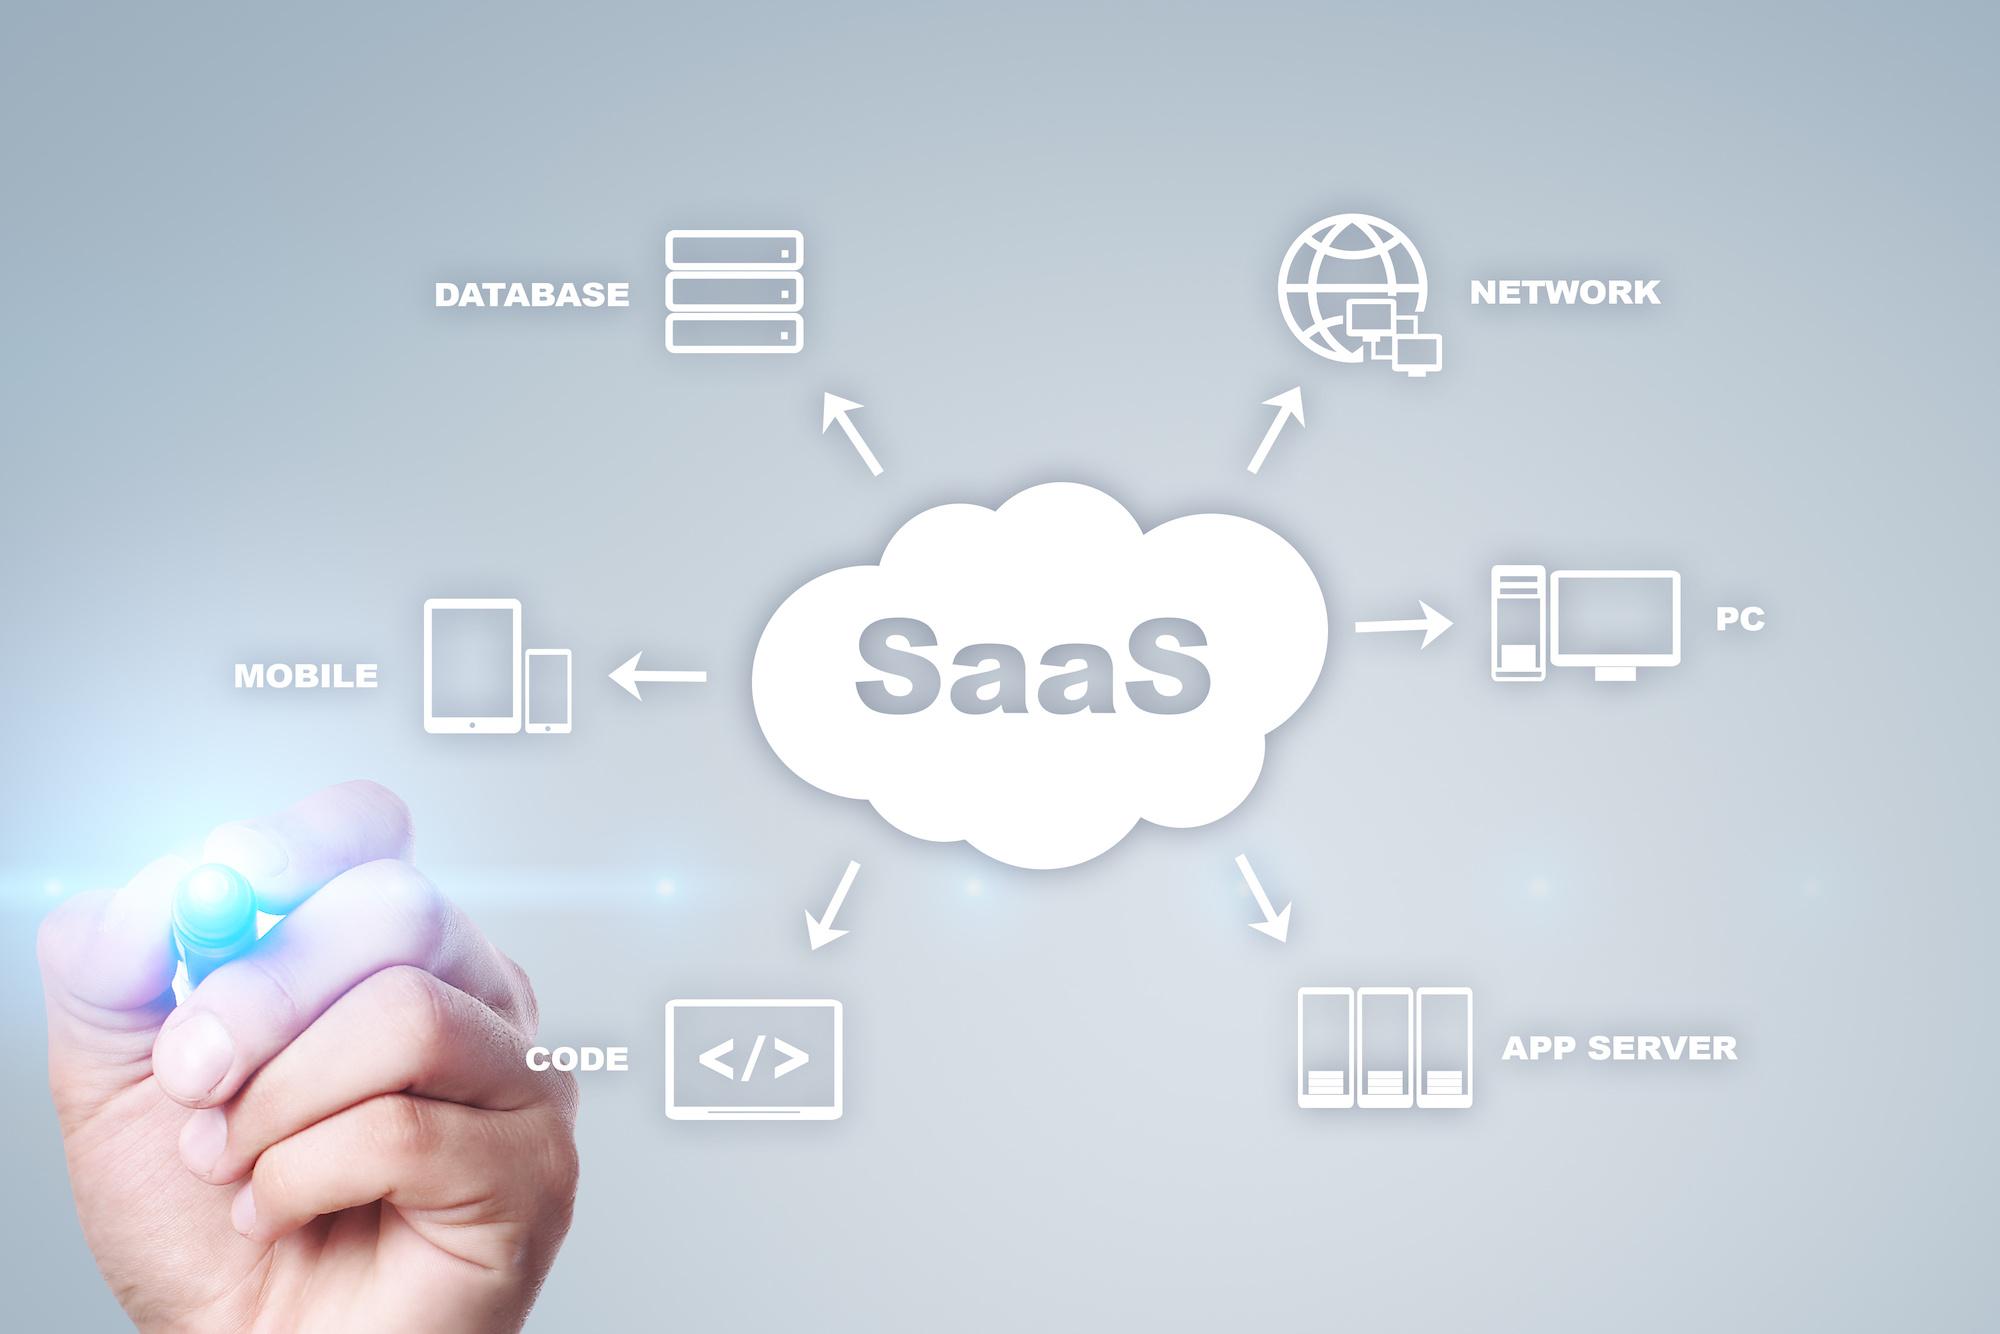 Saas icon with descriptors